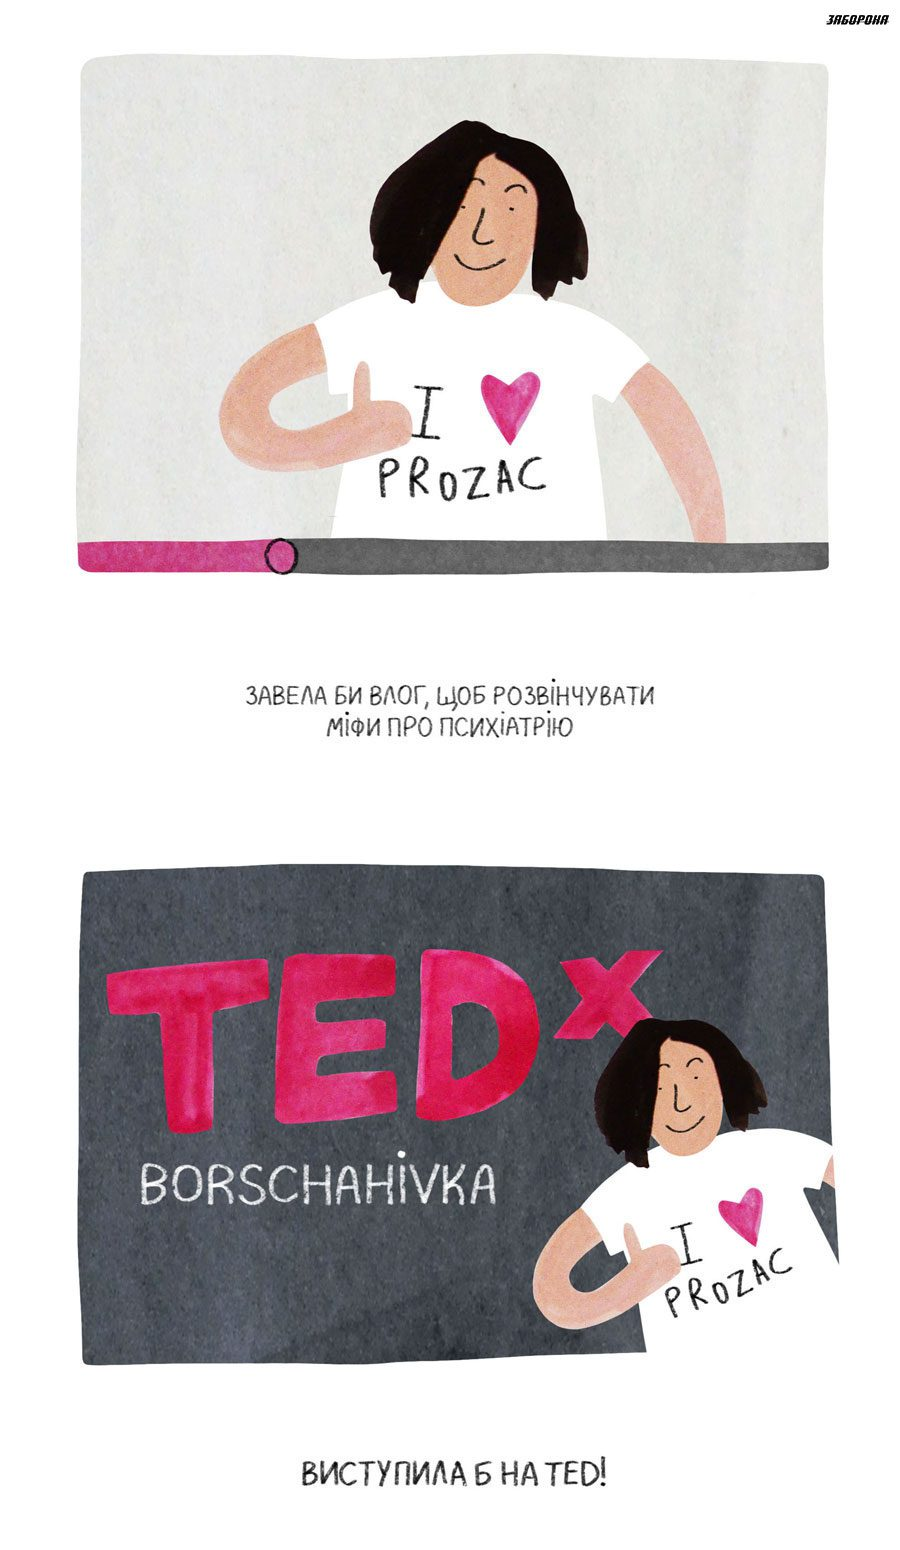 12 13 depression 2 - Женя Олійник: «Як я не стала адвокаткою психічного здоров'я» - Заборона